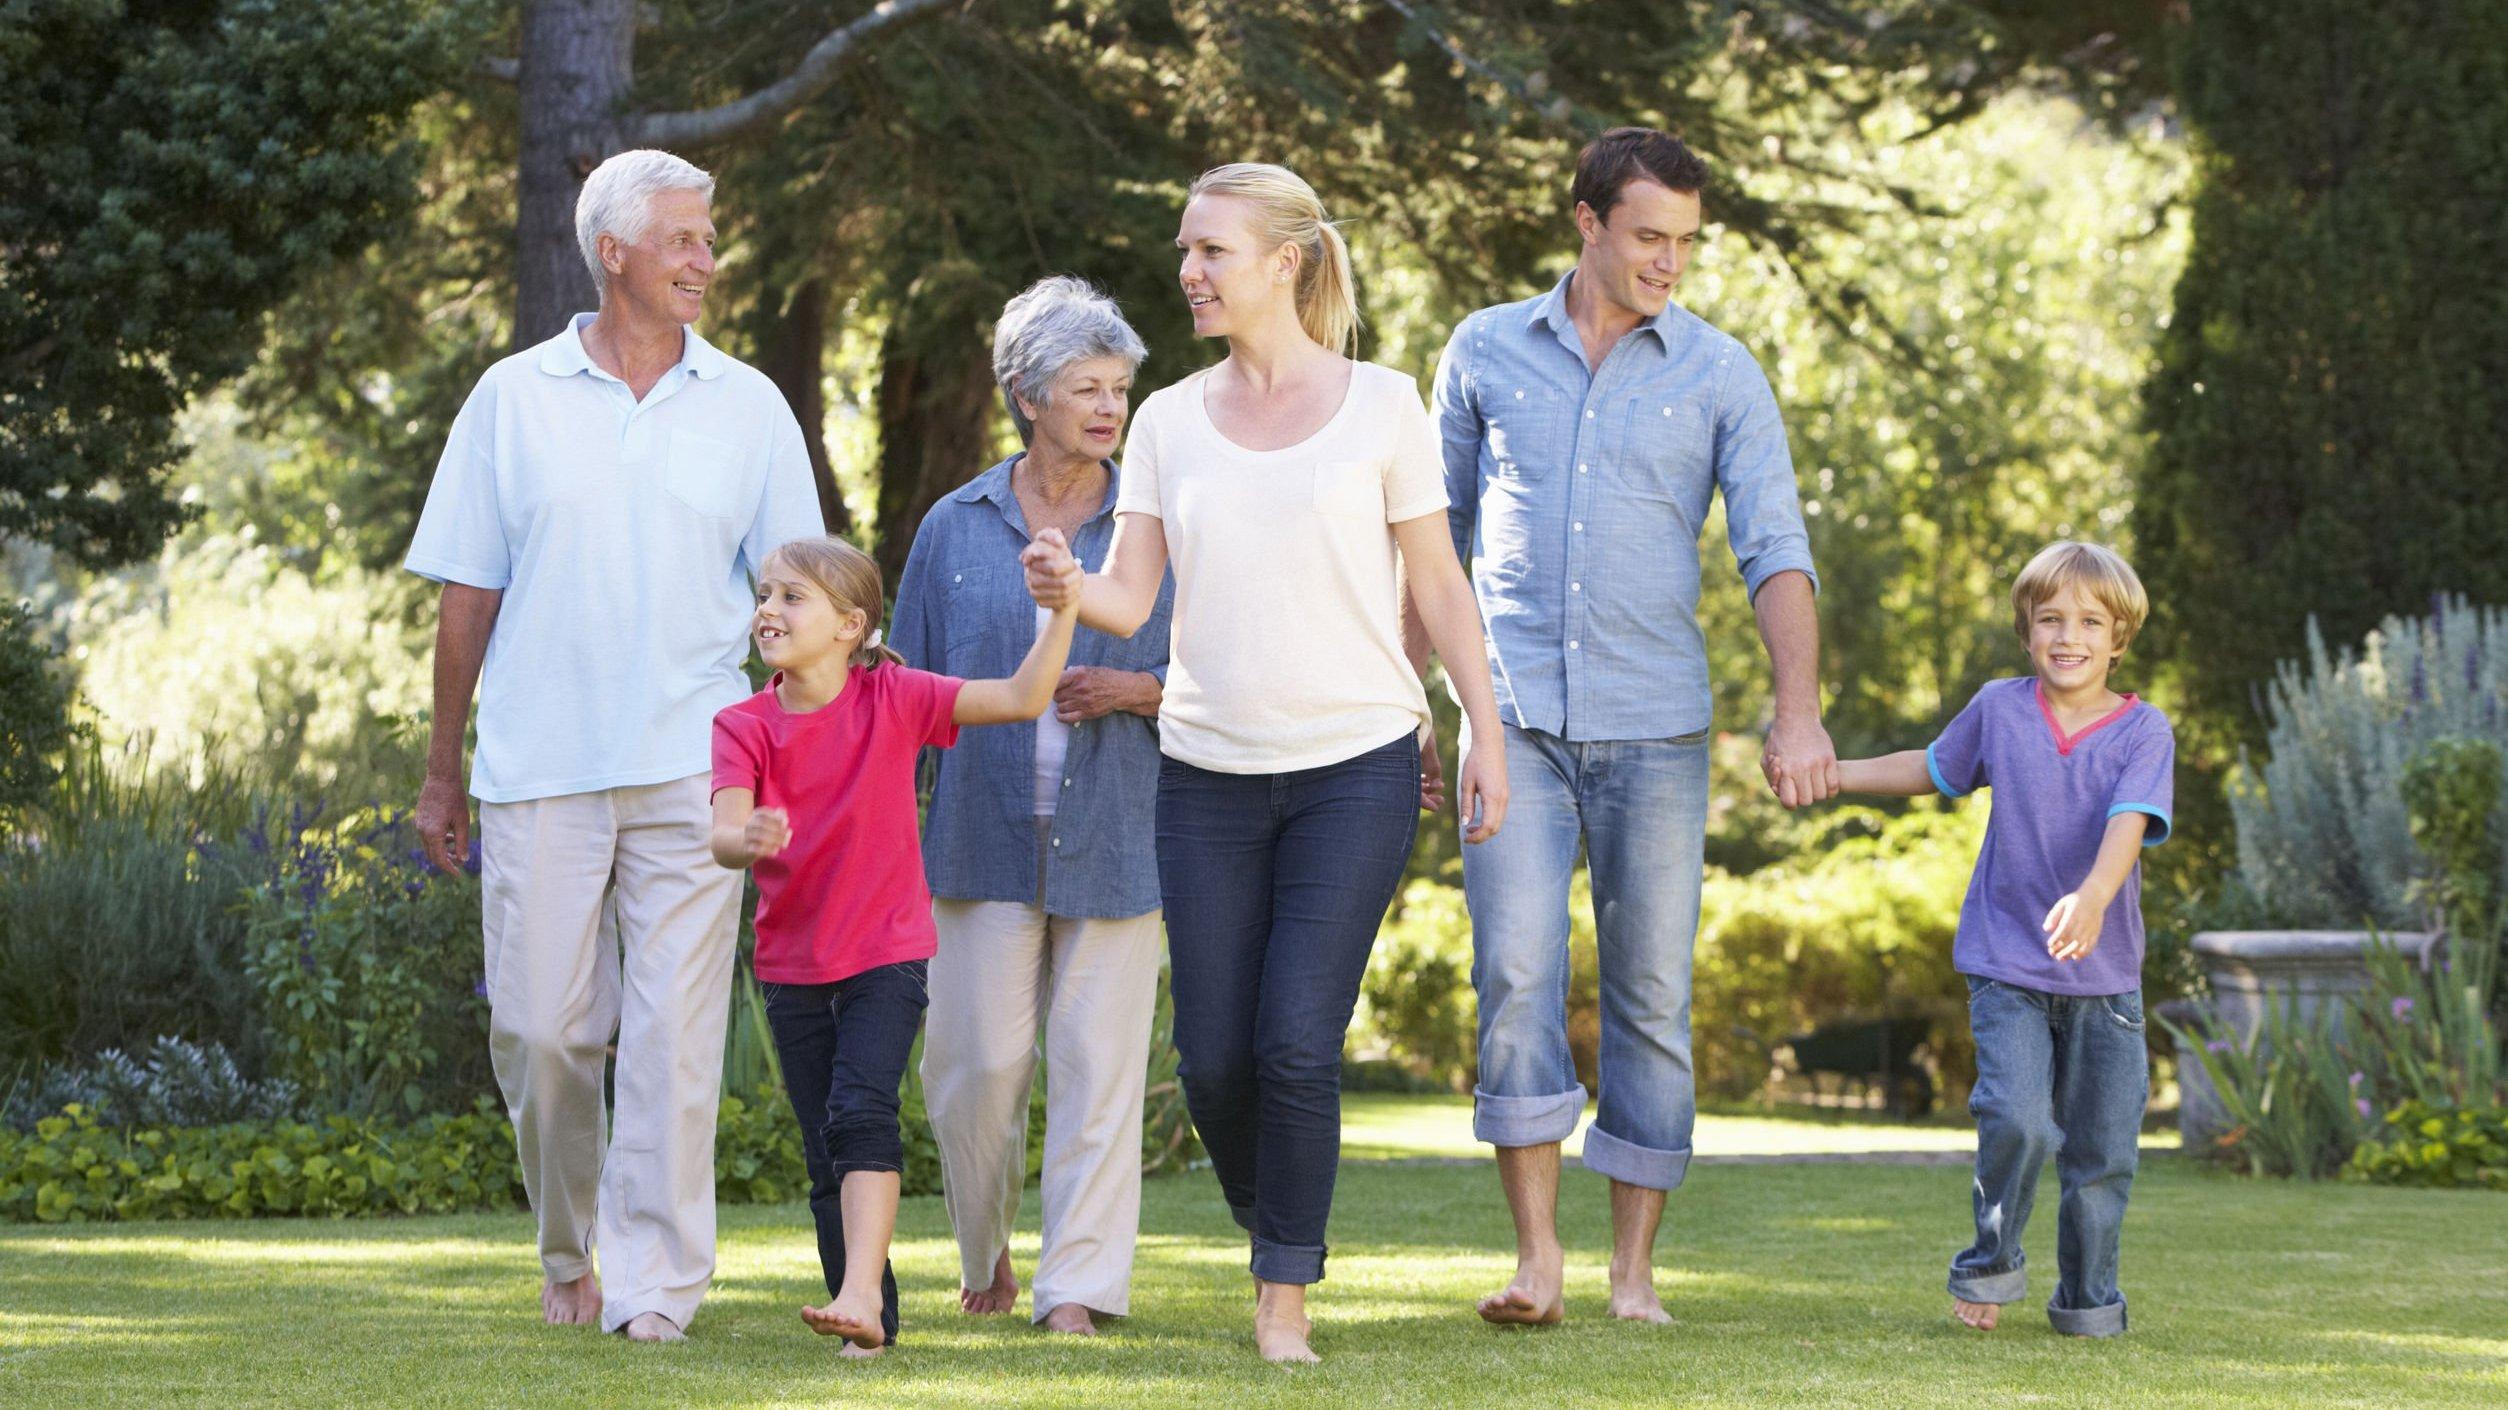 Família feliz, todos sorrindo, caminhando em parque.